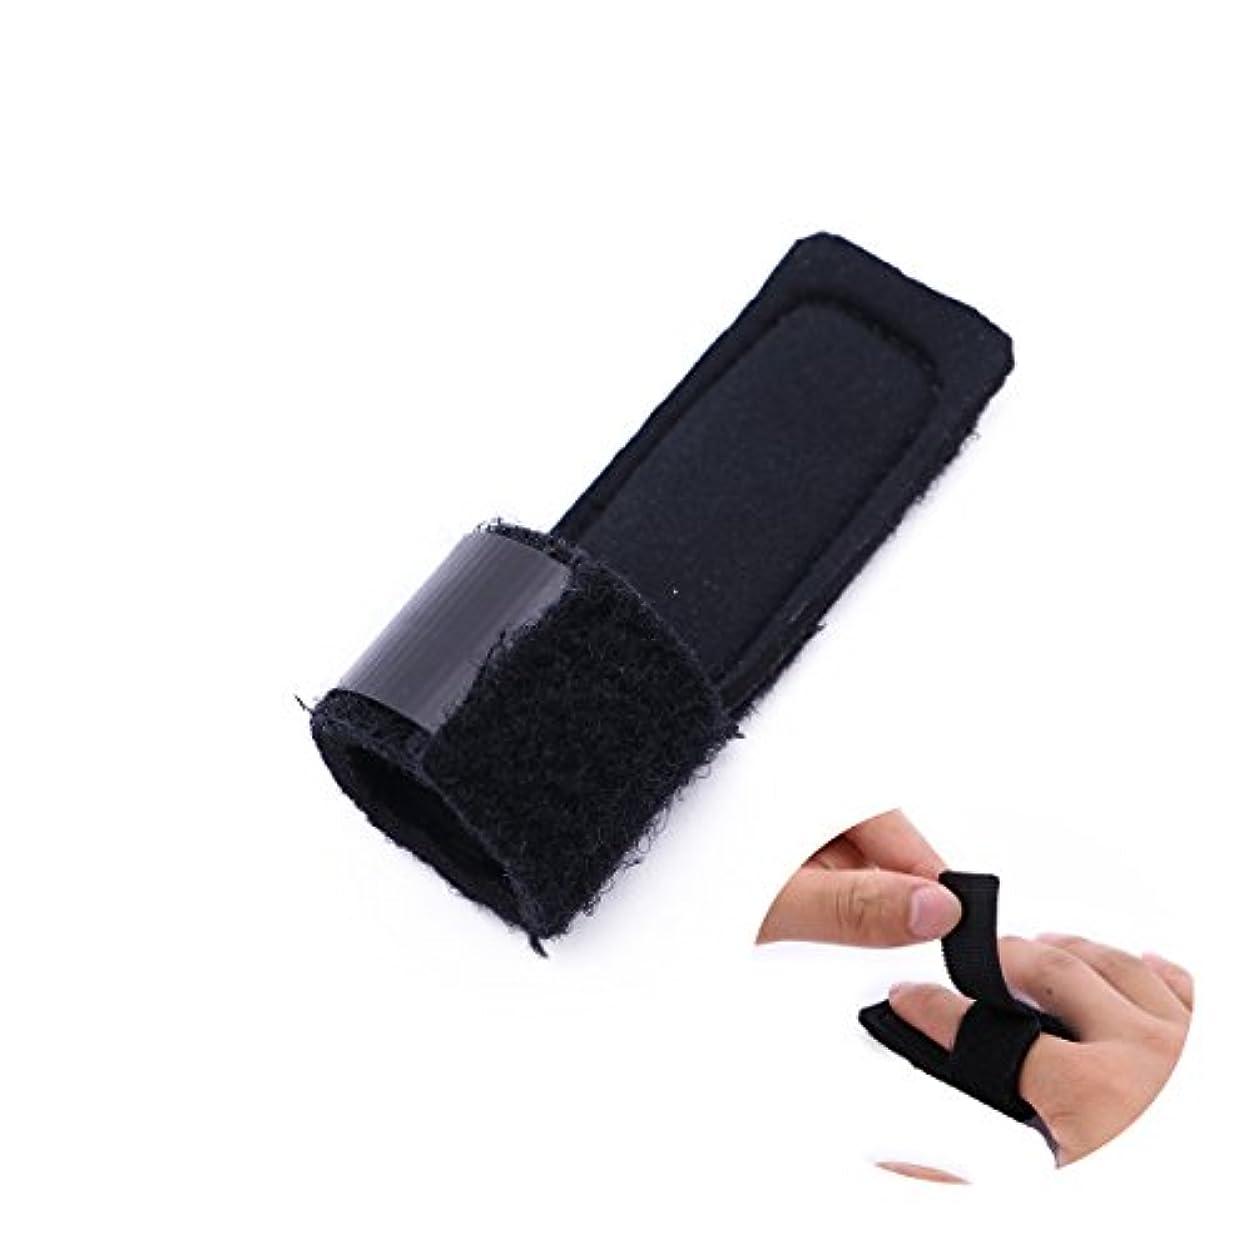 申し立てる落胆させる小麦SUPVOX 指の添え木マレット指の支柱の引き金のための骨折の接合箇所の添え木プロテクター